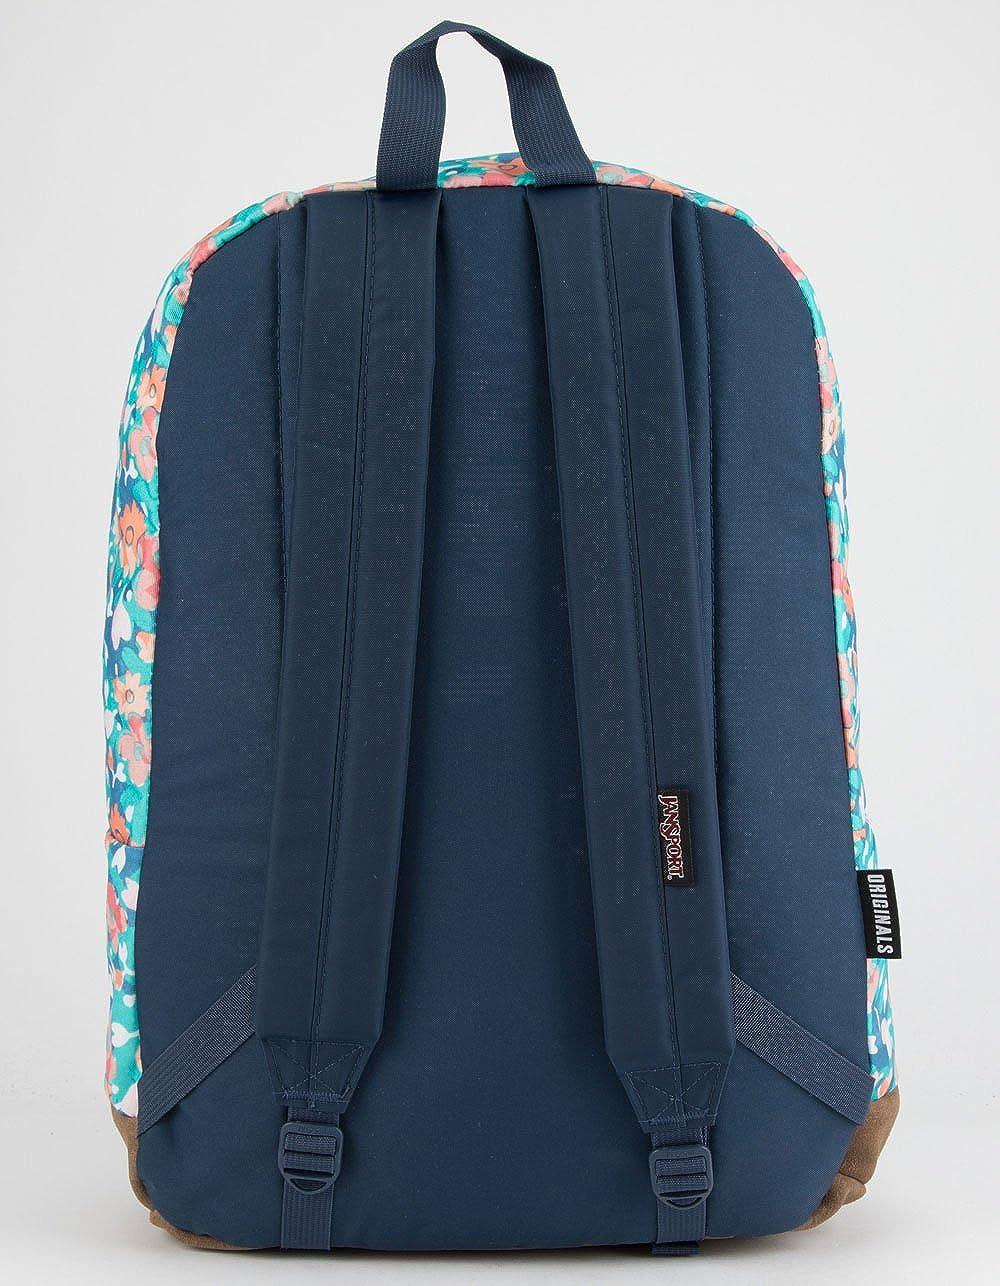 Jansport - Unisex-Adult Right Pack Expressions Backpack B07DKFWNZM Daypacks Schönes Schönes Schönes Aussehen 333c9a